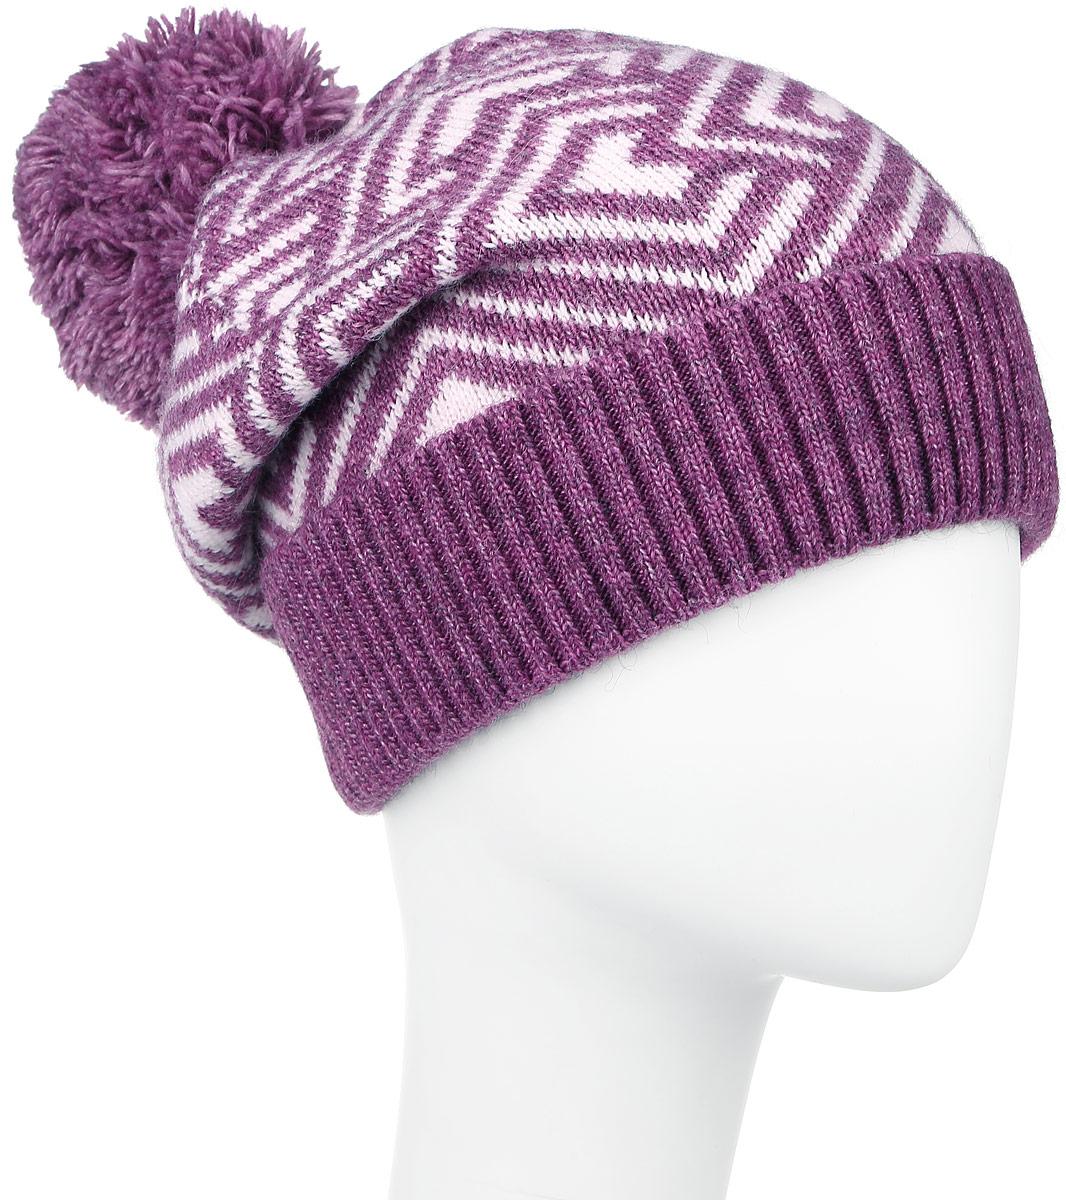 Шапка женская Finn Flare, цвет: белый, лиловый. W16-32120_803. Размер 56W16-32120_803Стильная женская шапка Finn Flare дополнит ваш наряд и не позволит вам замерзнуть в холодное время года. Шапка выполнена из высококачественной пряжи, что позволяет ей великолепно сохранять тепло и обеспечивает высокую эластичность и удобство посадки. Модель оформлена брендовой металлической пластиной и дополнена пушистым помпоном. Уважаемые клиенты!Размер, доступный для заказа, является обхватом головы.